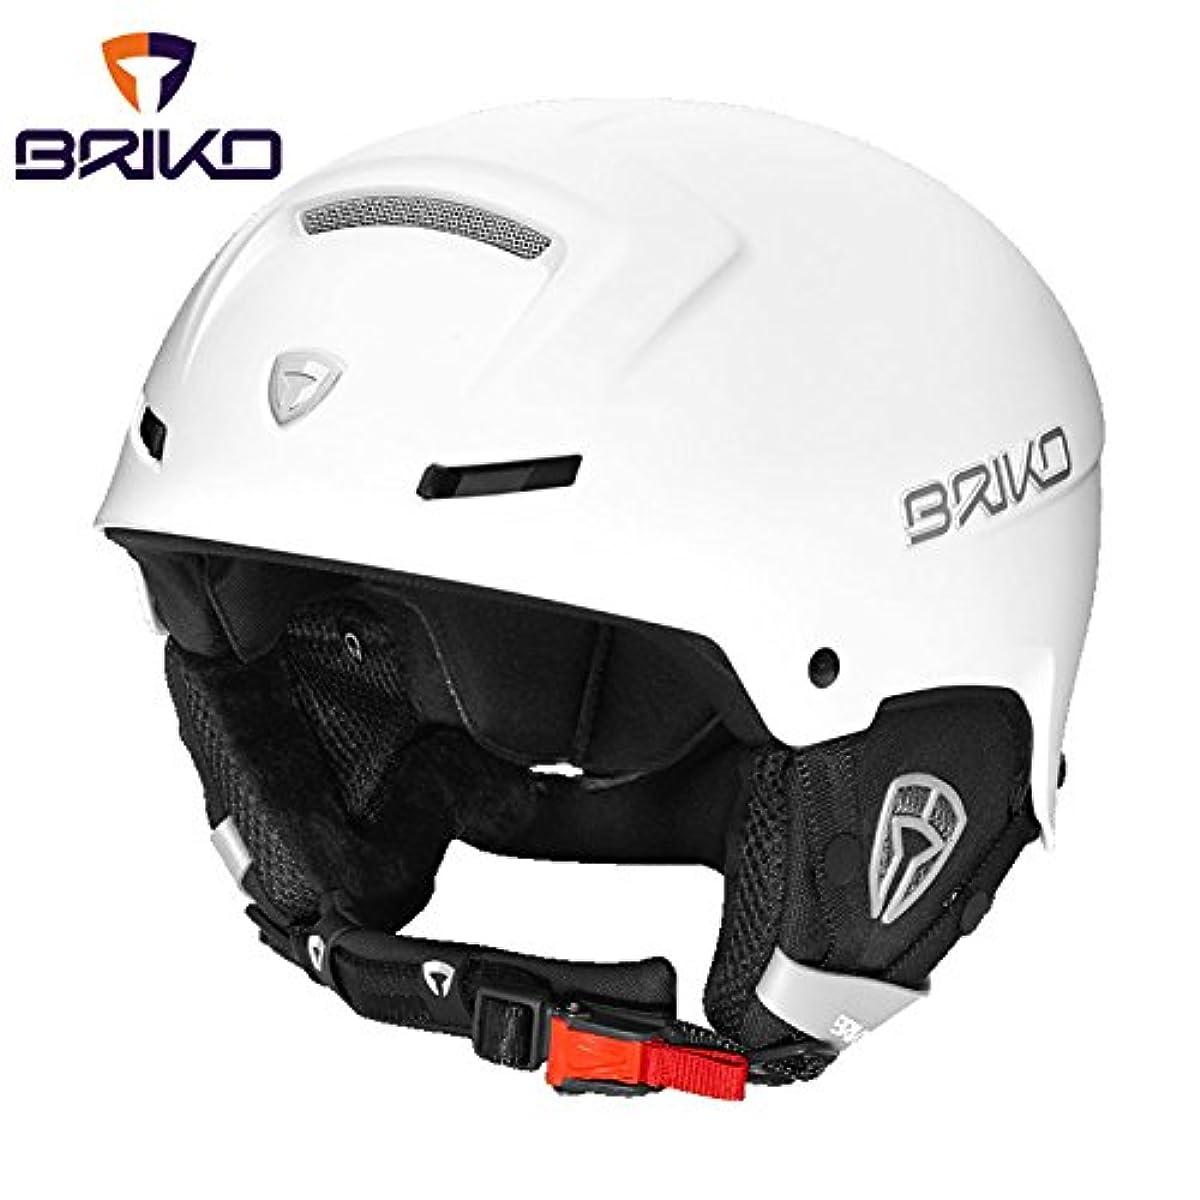 [해외] BRIKO(브리고)FAITO 프리 라이드 스키 헬멧 맨즈 레이디스 923(매트 화이트앗 20001M0- (SIZE:M-L|COLOR:923)